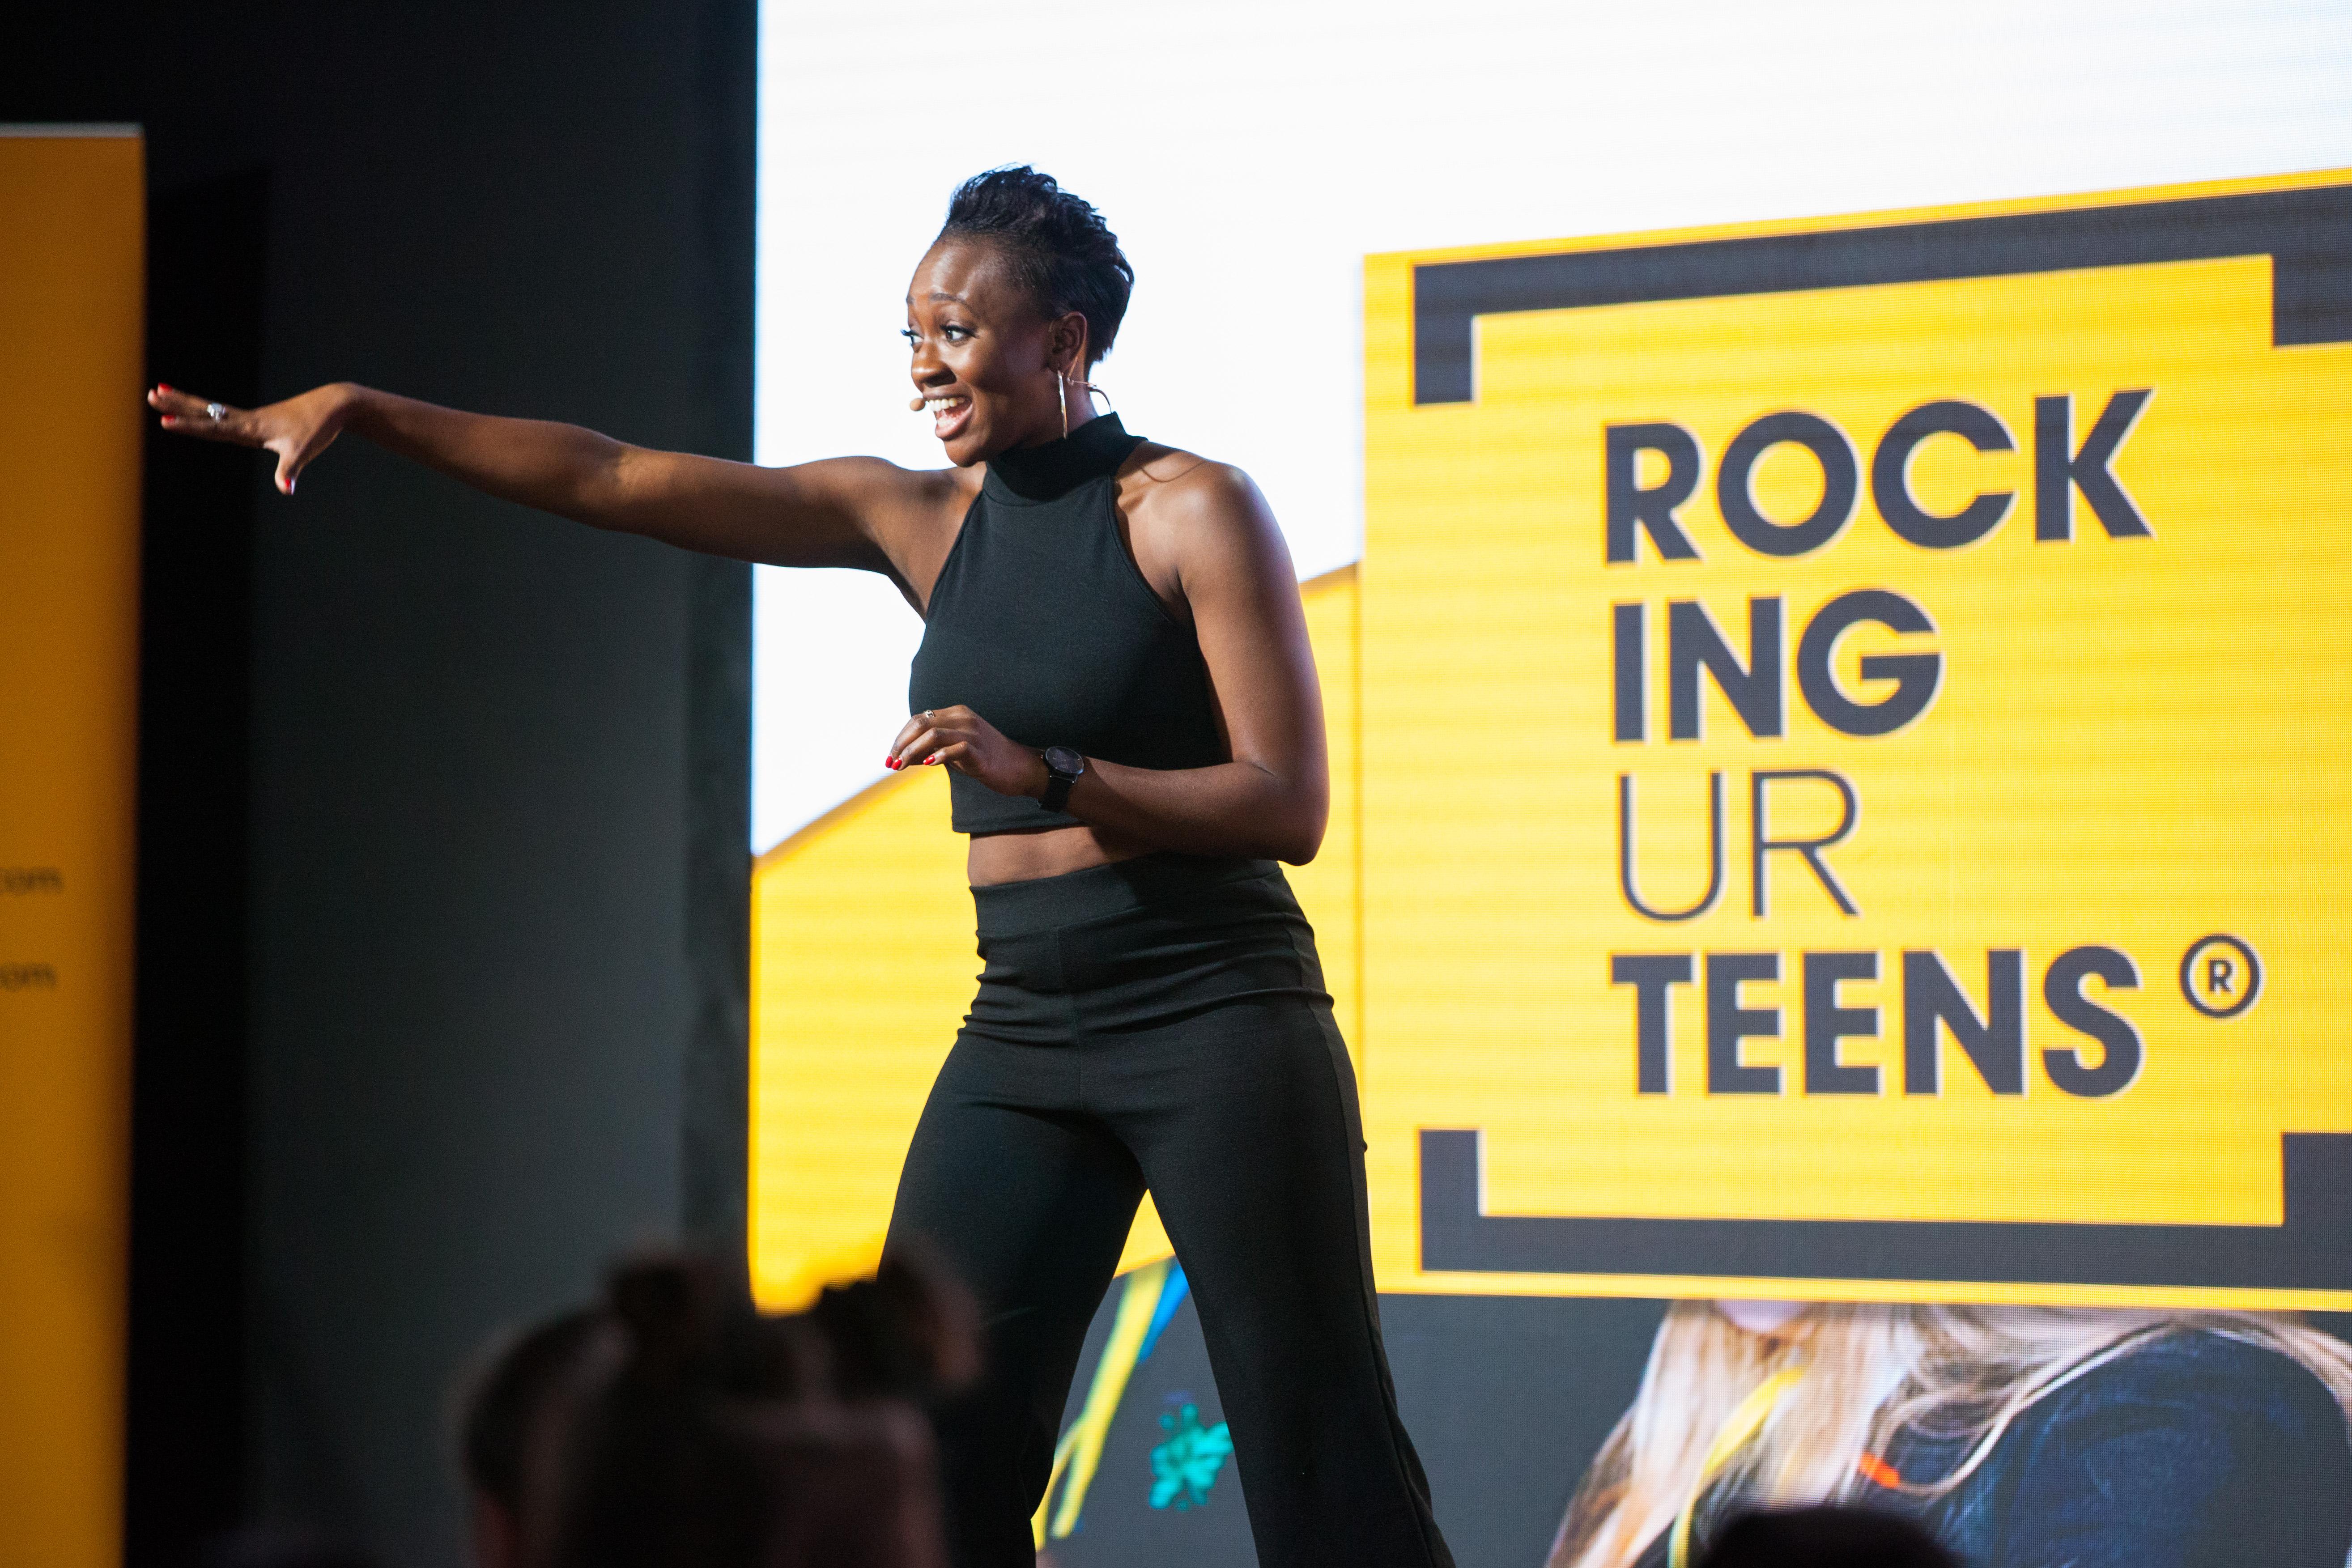 Rocking UR Teens